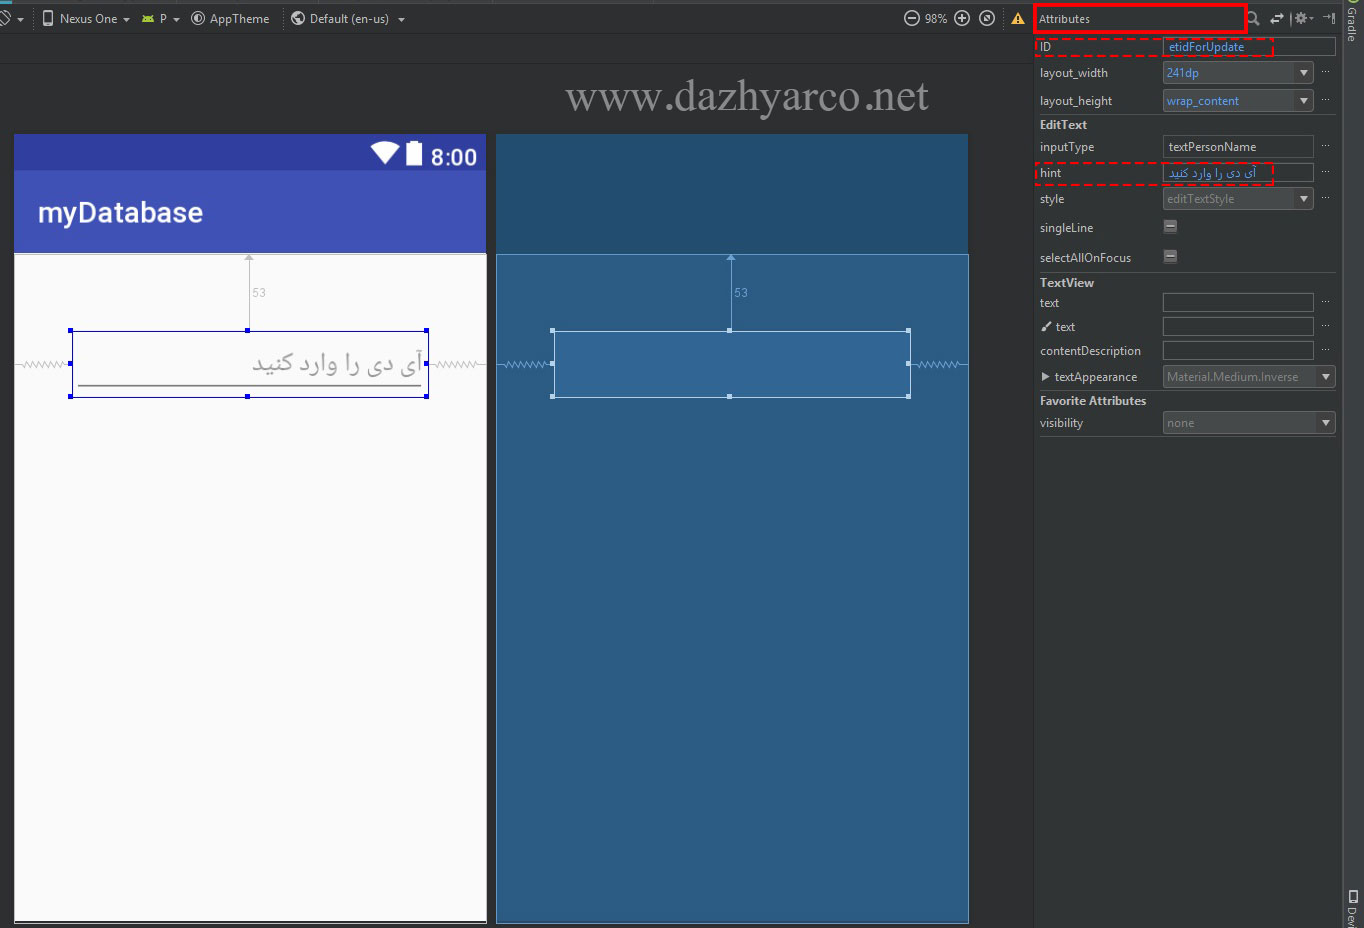 آموزش آپدیت اطلاعات دیتابیس SQLite در اندروید - لایوت NewPageActivity